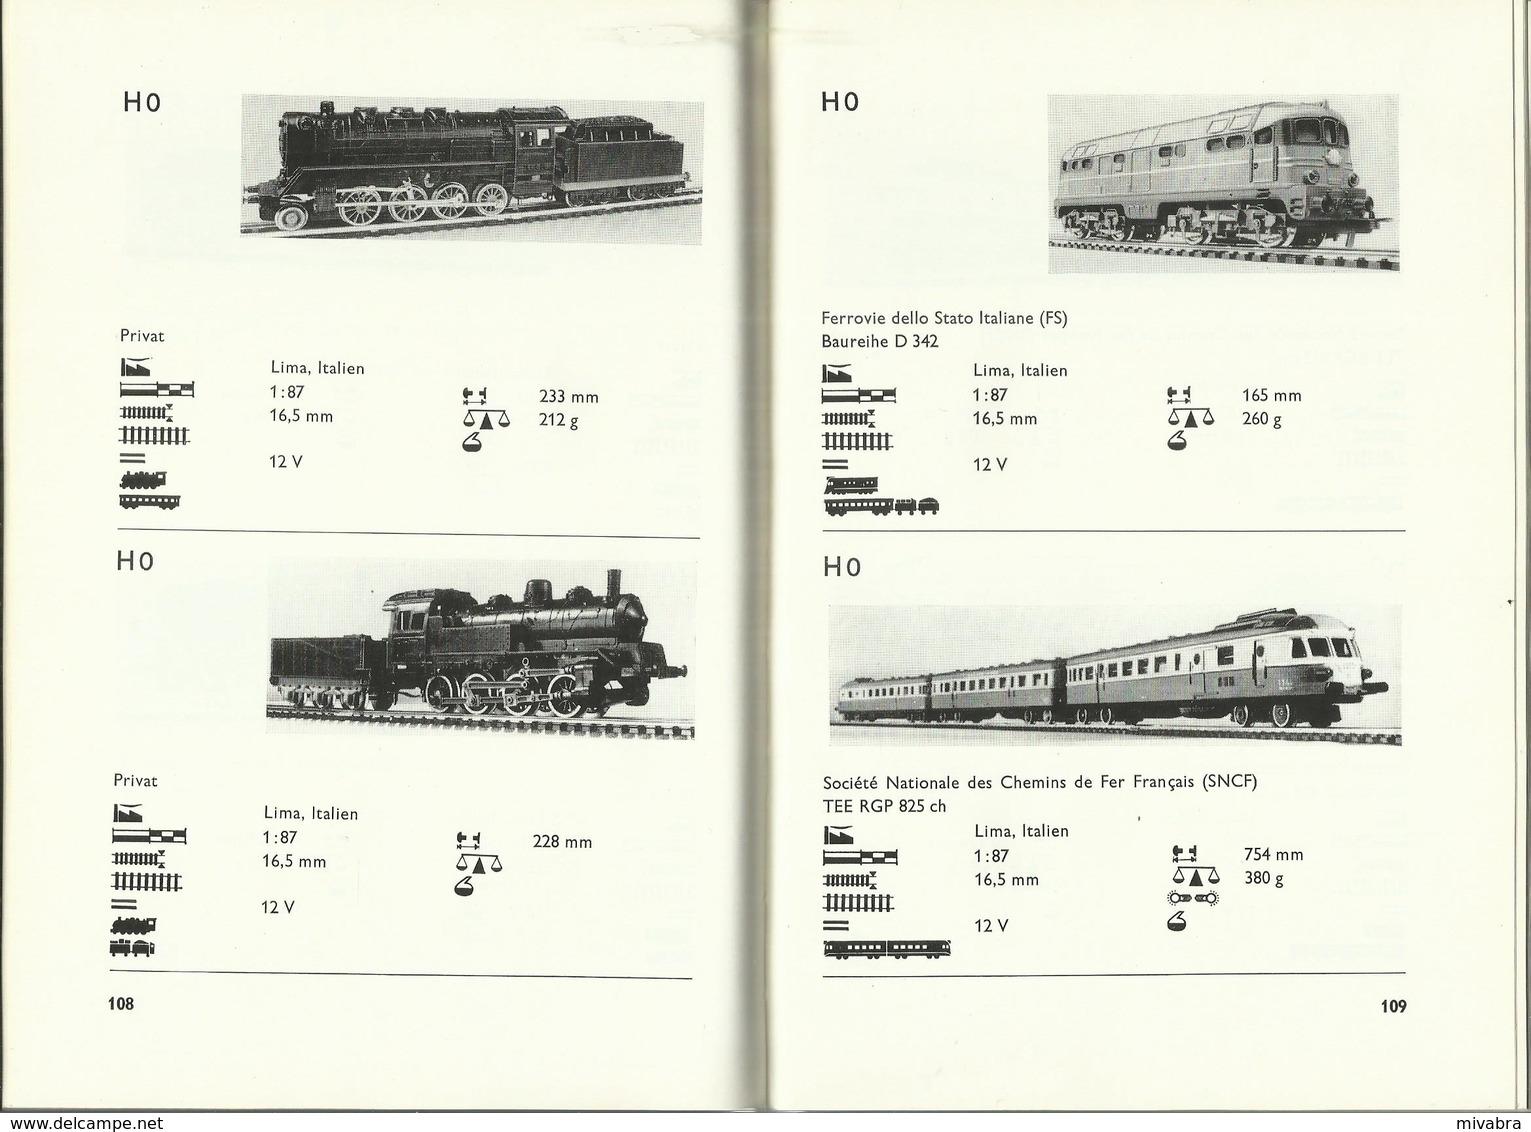 MODELLBAHN TRIEBFAHRZEUGE TYPEN UND DATEN INTERNATIONAL - KLAUS GERLACH - ALBIS 1967 - Books And Magazines